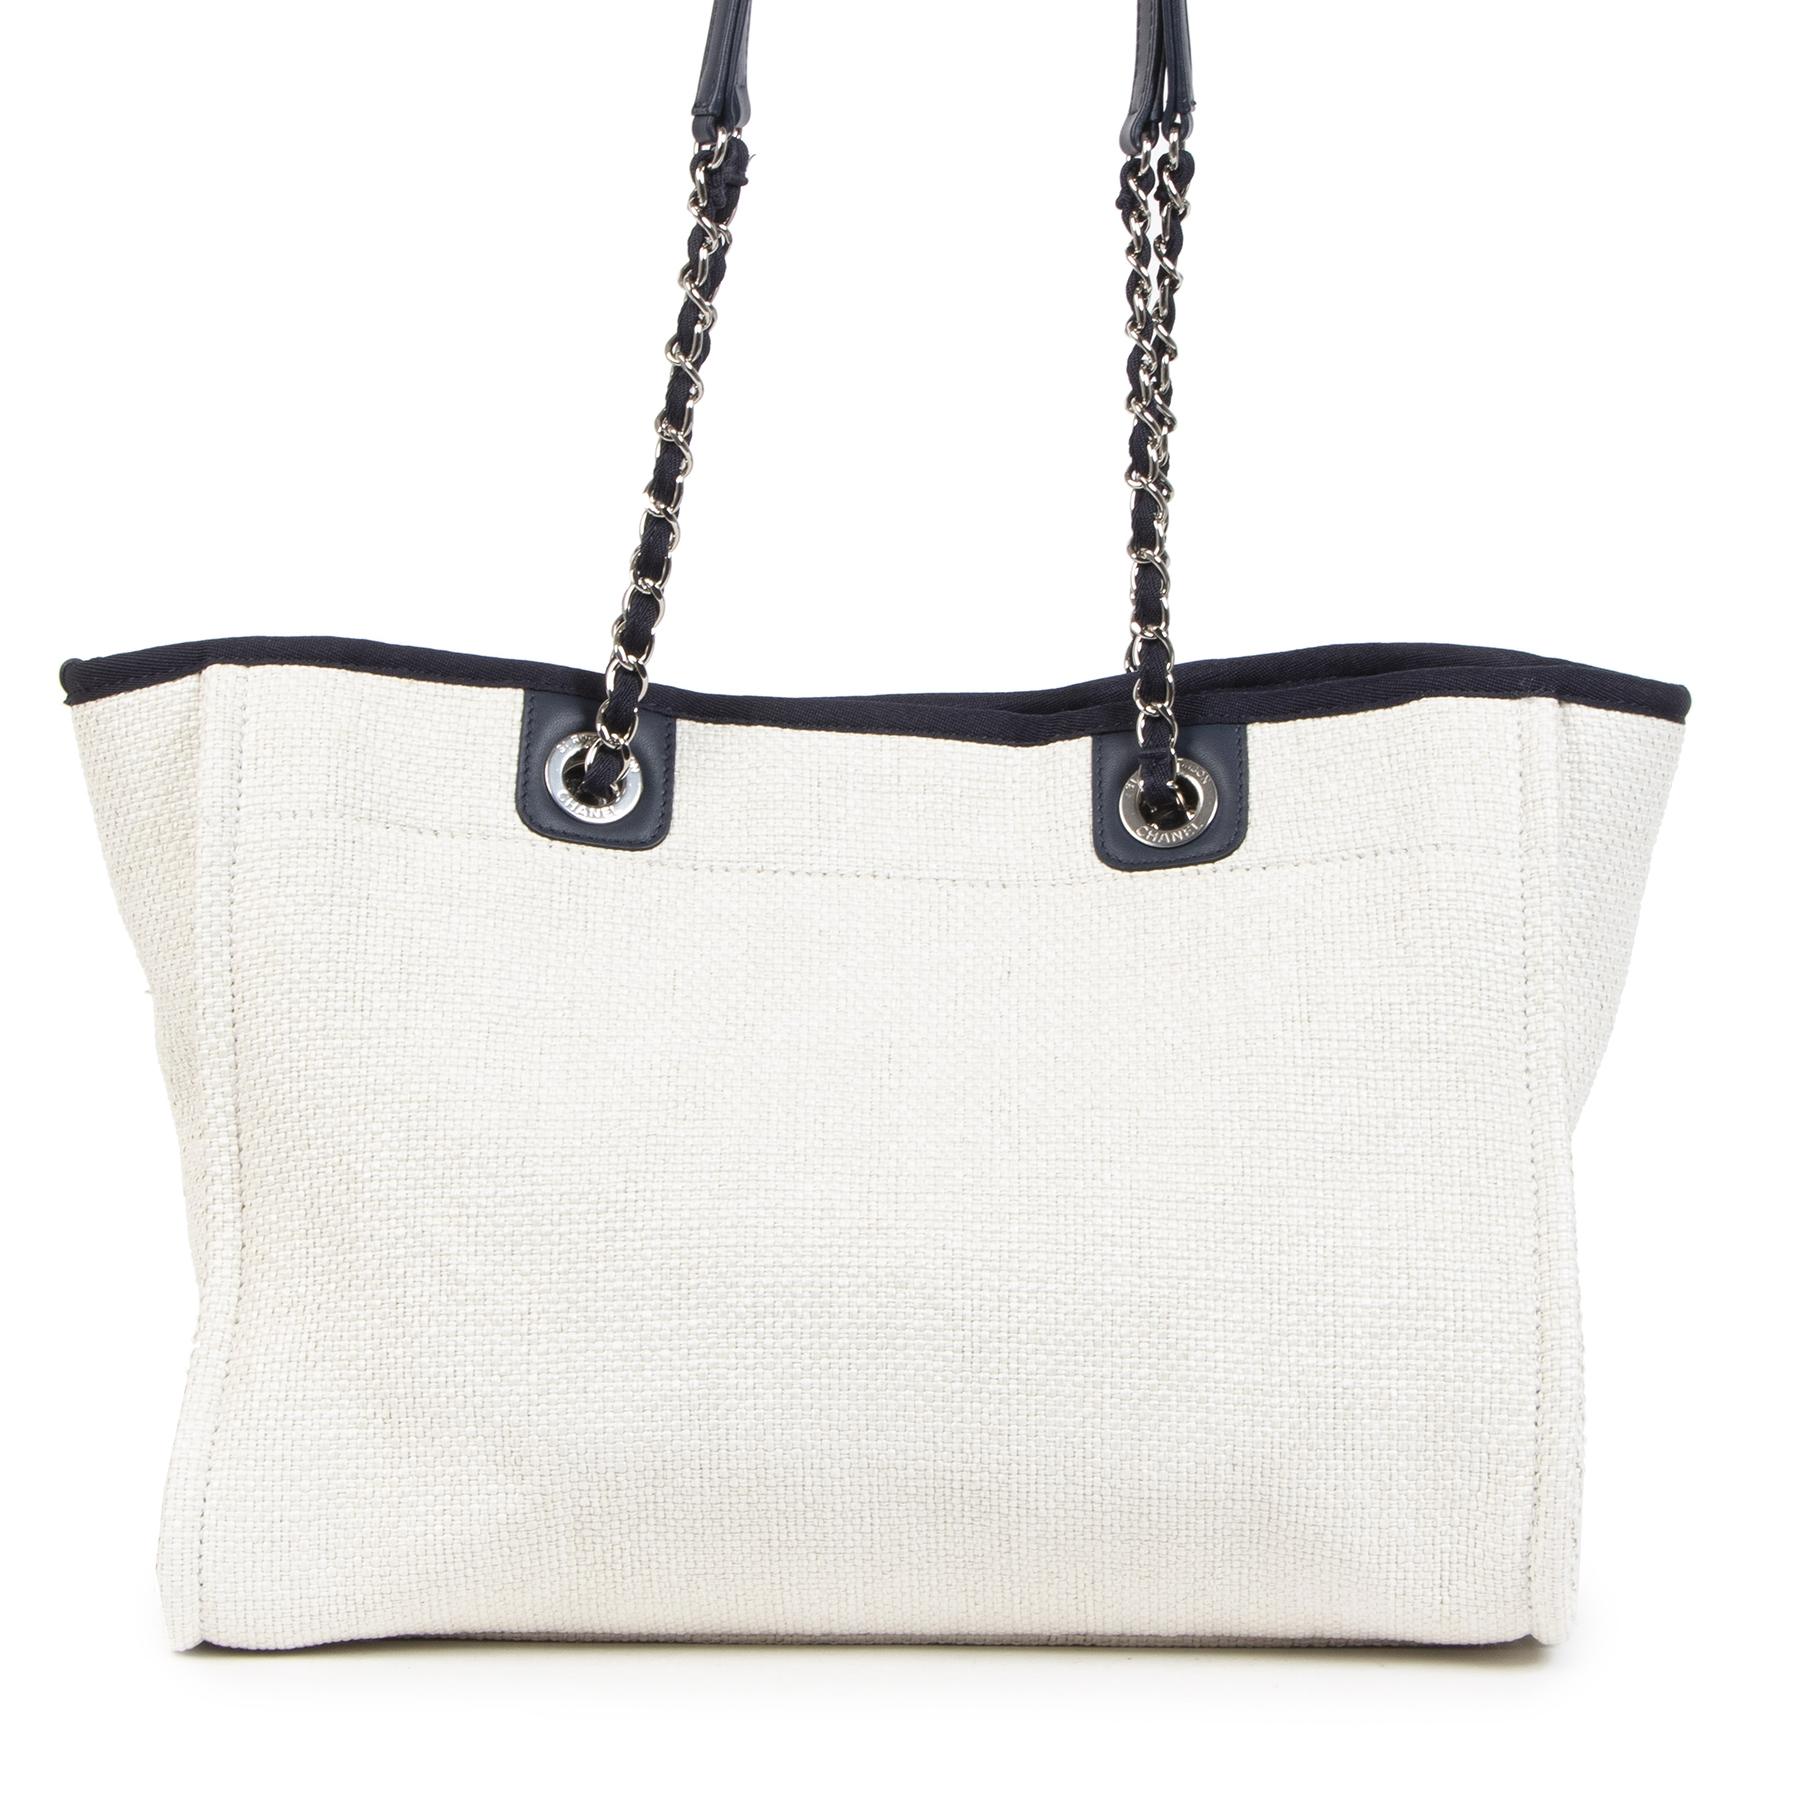 Authentieke Tweedehands Chanel Deauville Neutral Canvas Shoulder Tote Bag juiste prijs veilig online shoppen luxe merken webshop winkelen Antwerpen België mode fashion